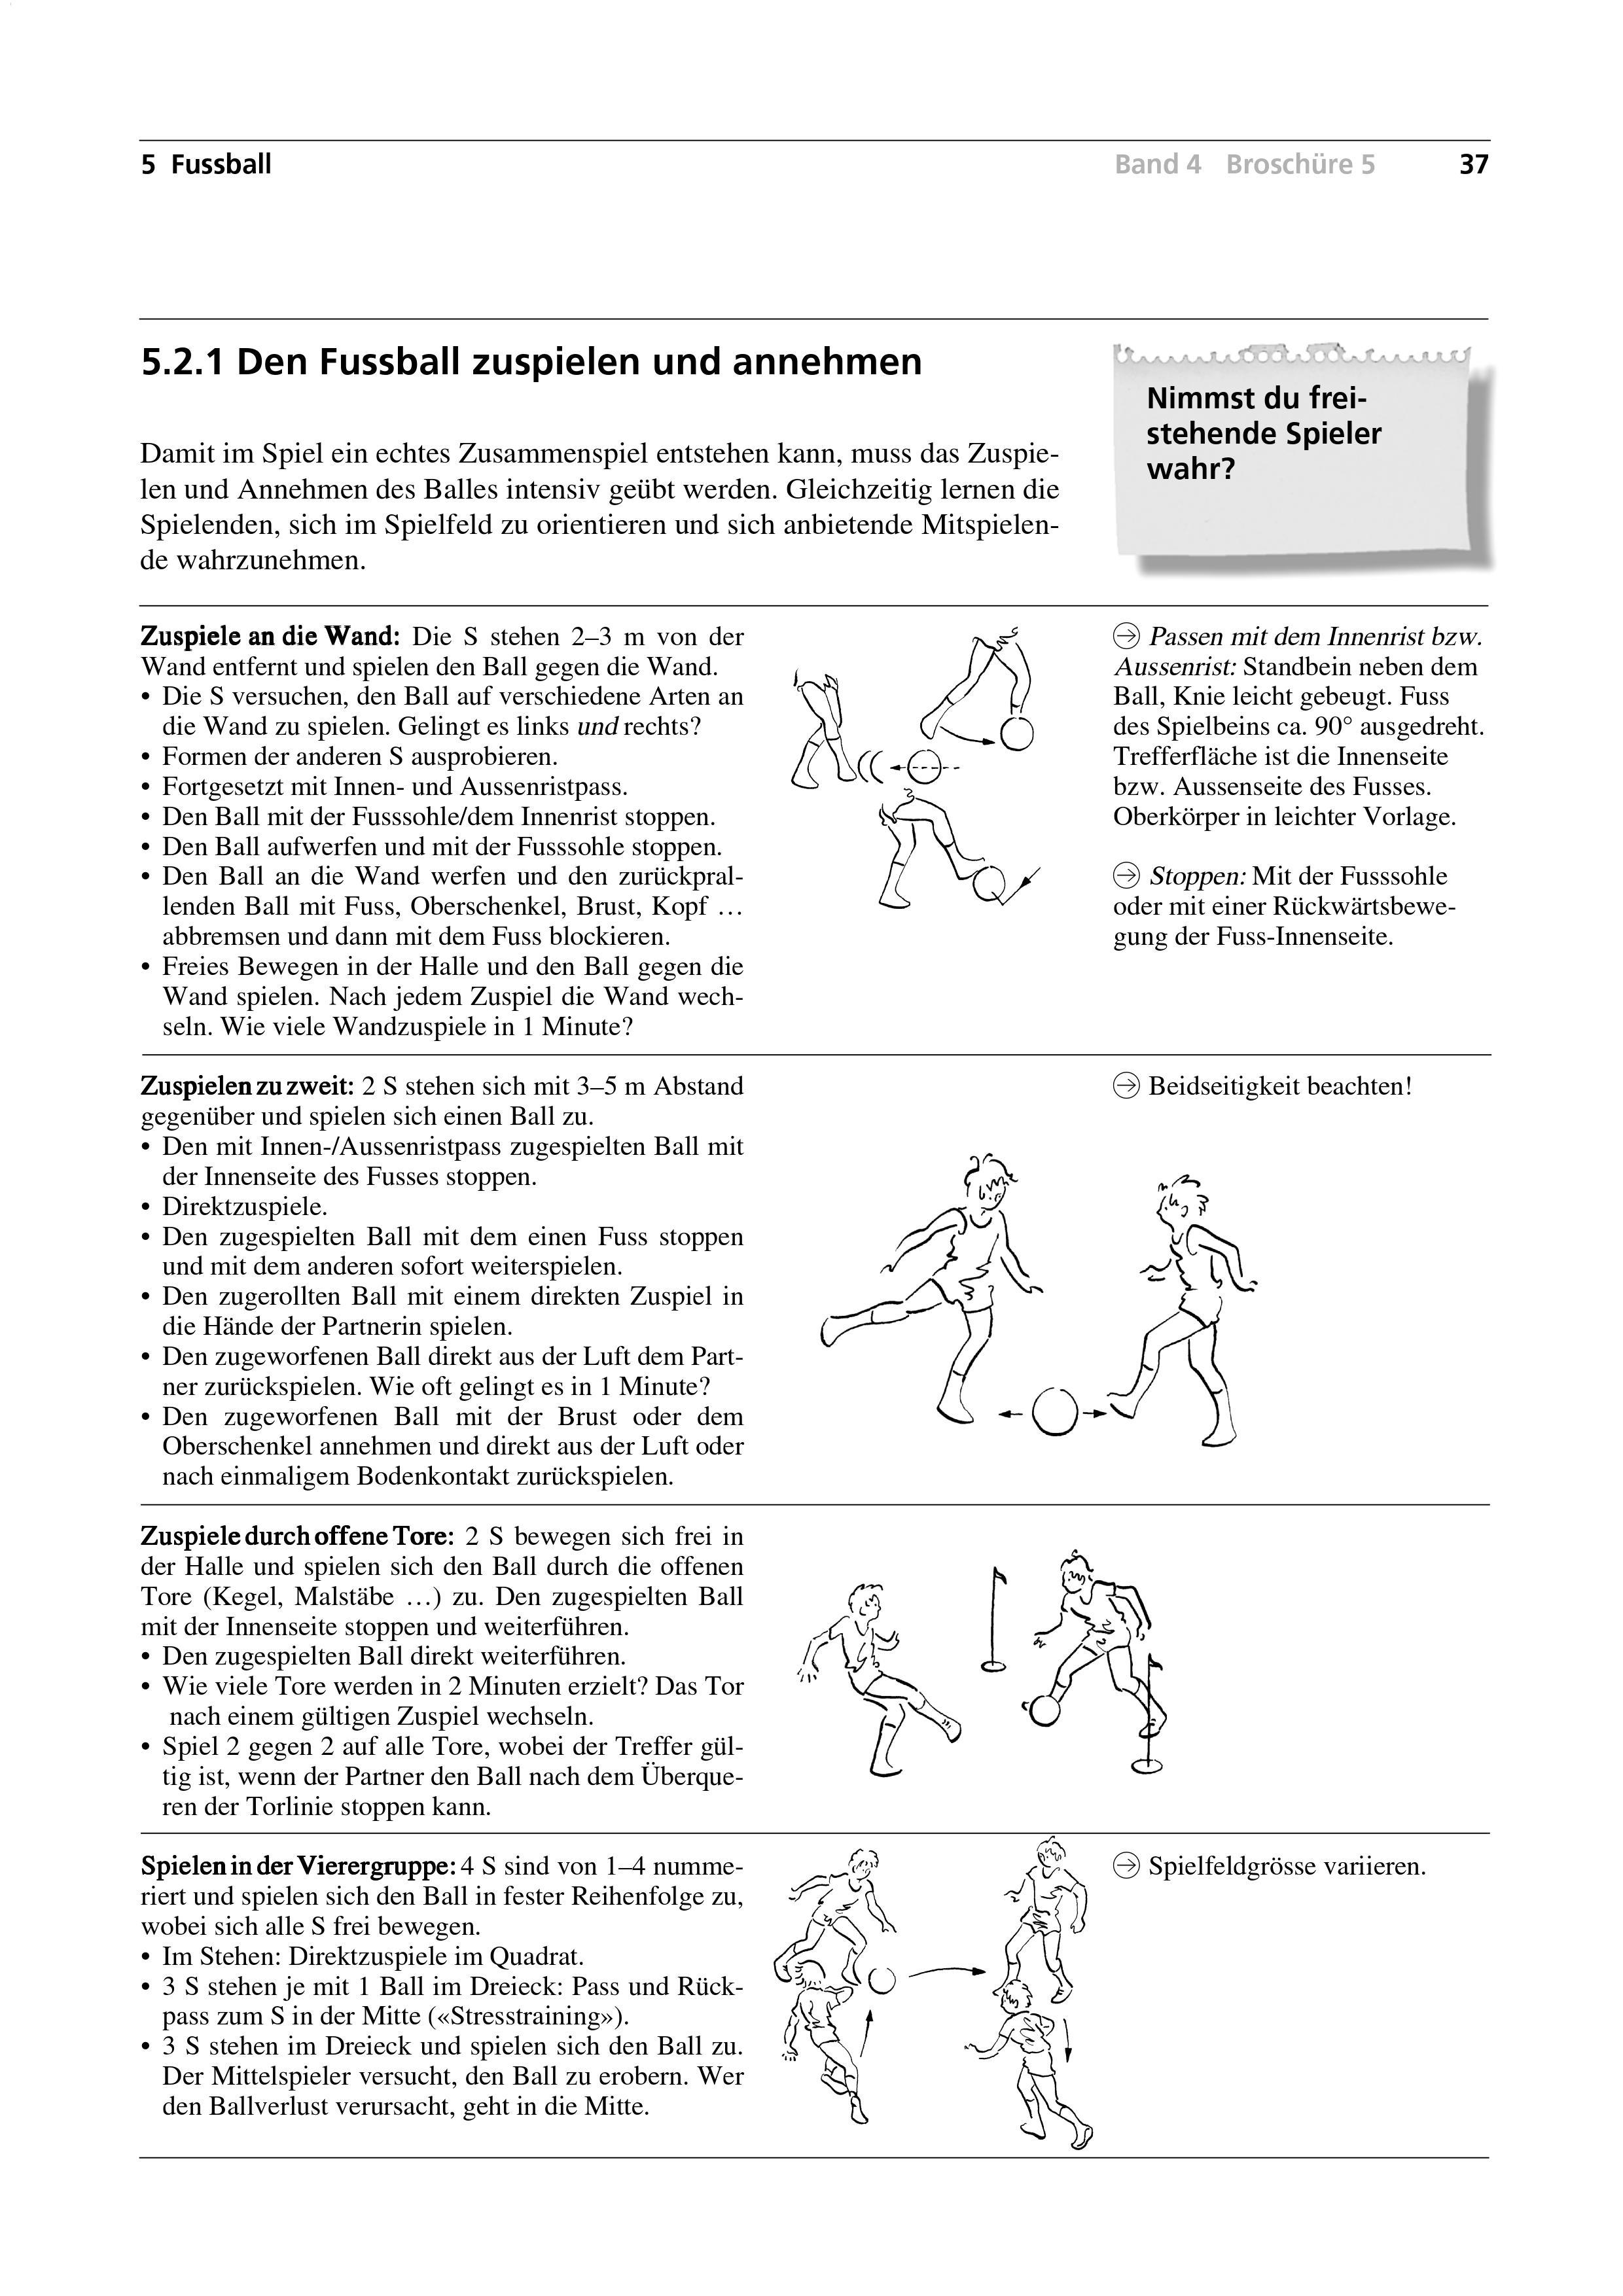 Preview image for LOM object Den Fussball zuspielen und annehmen